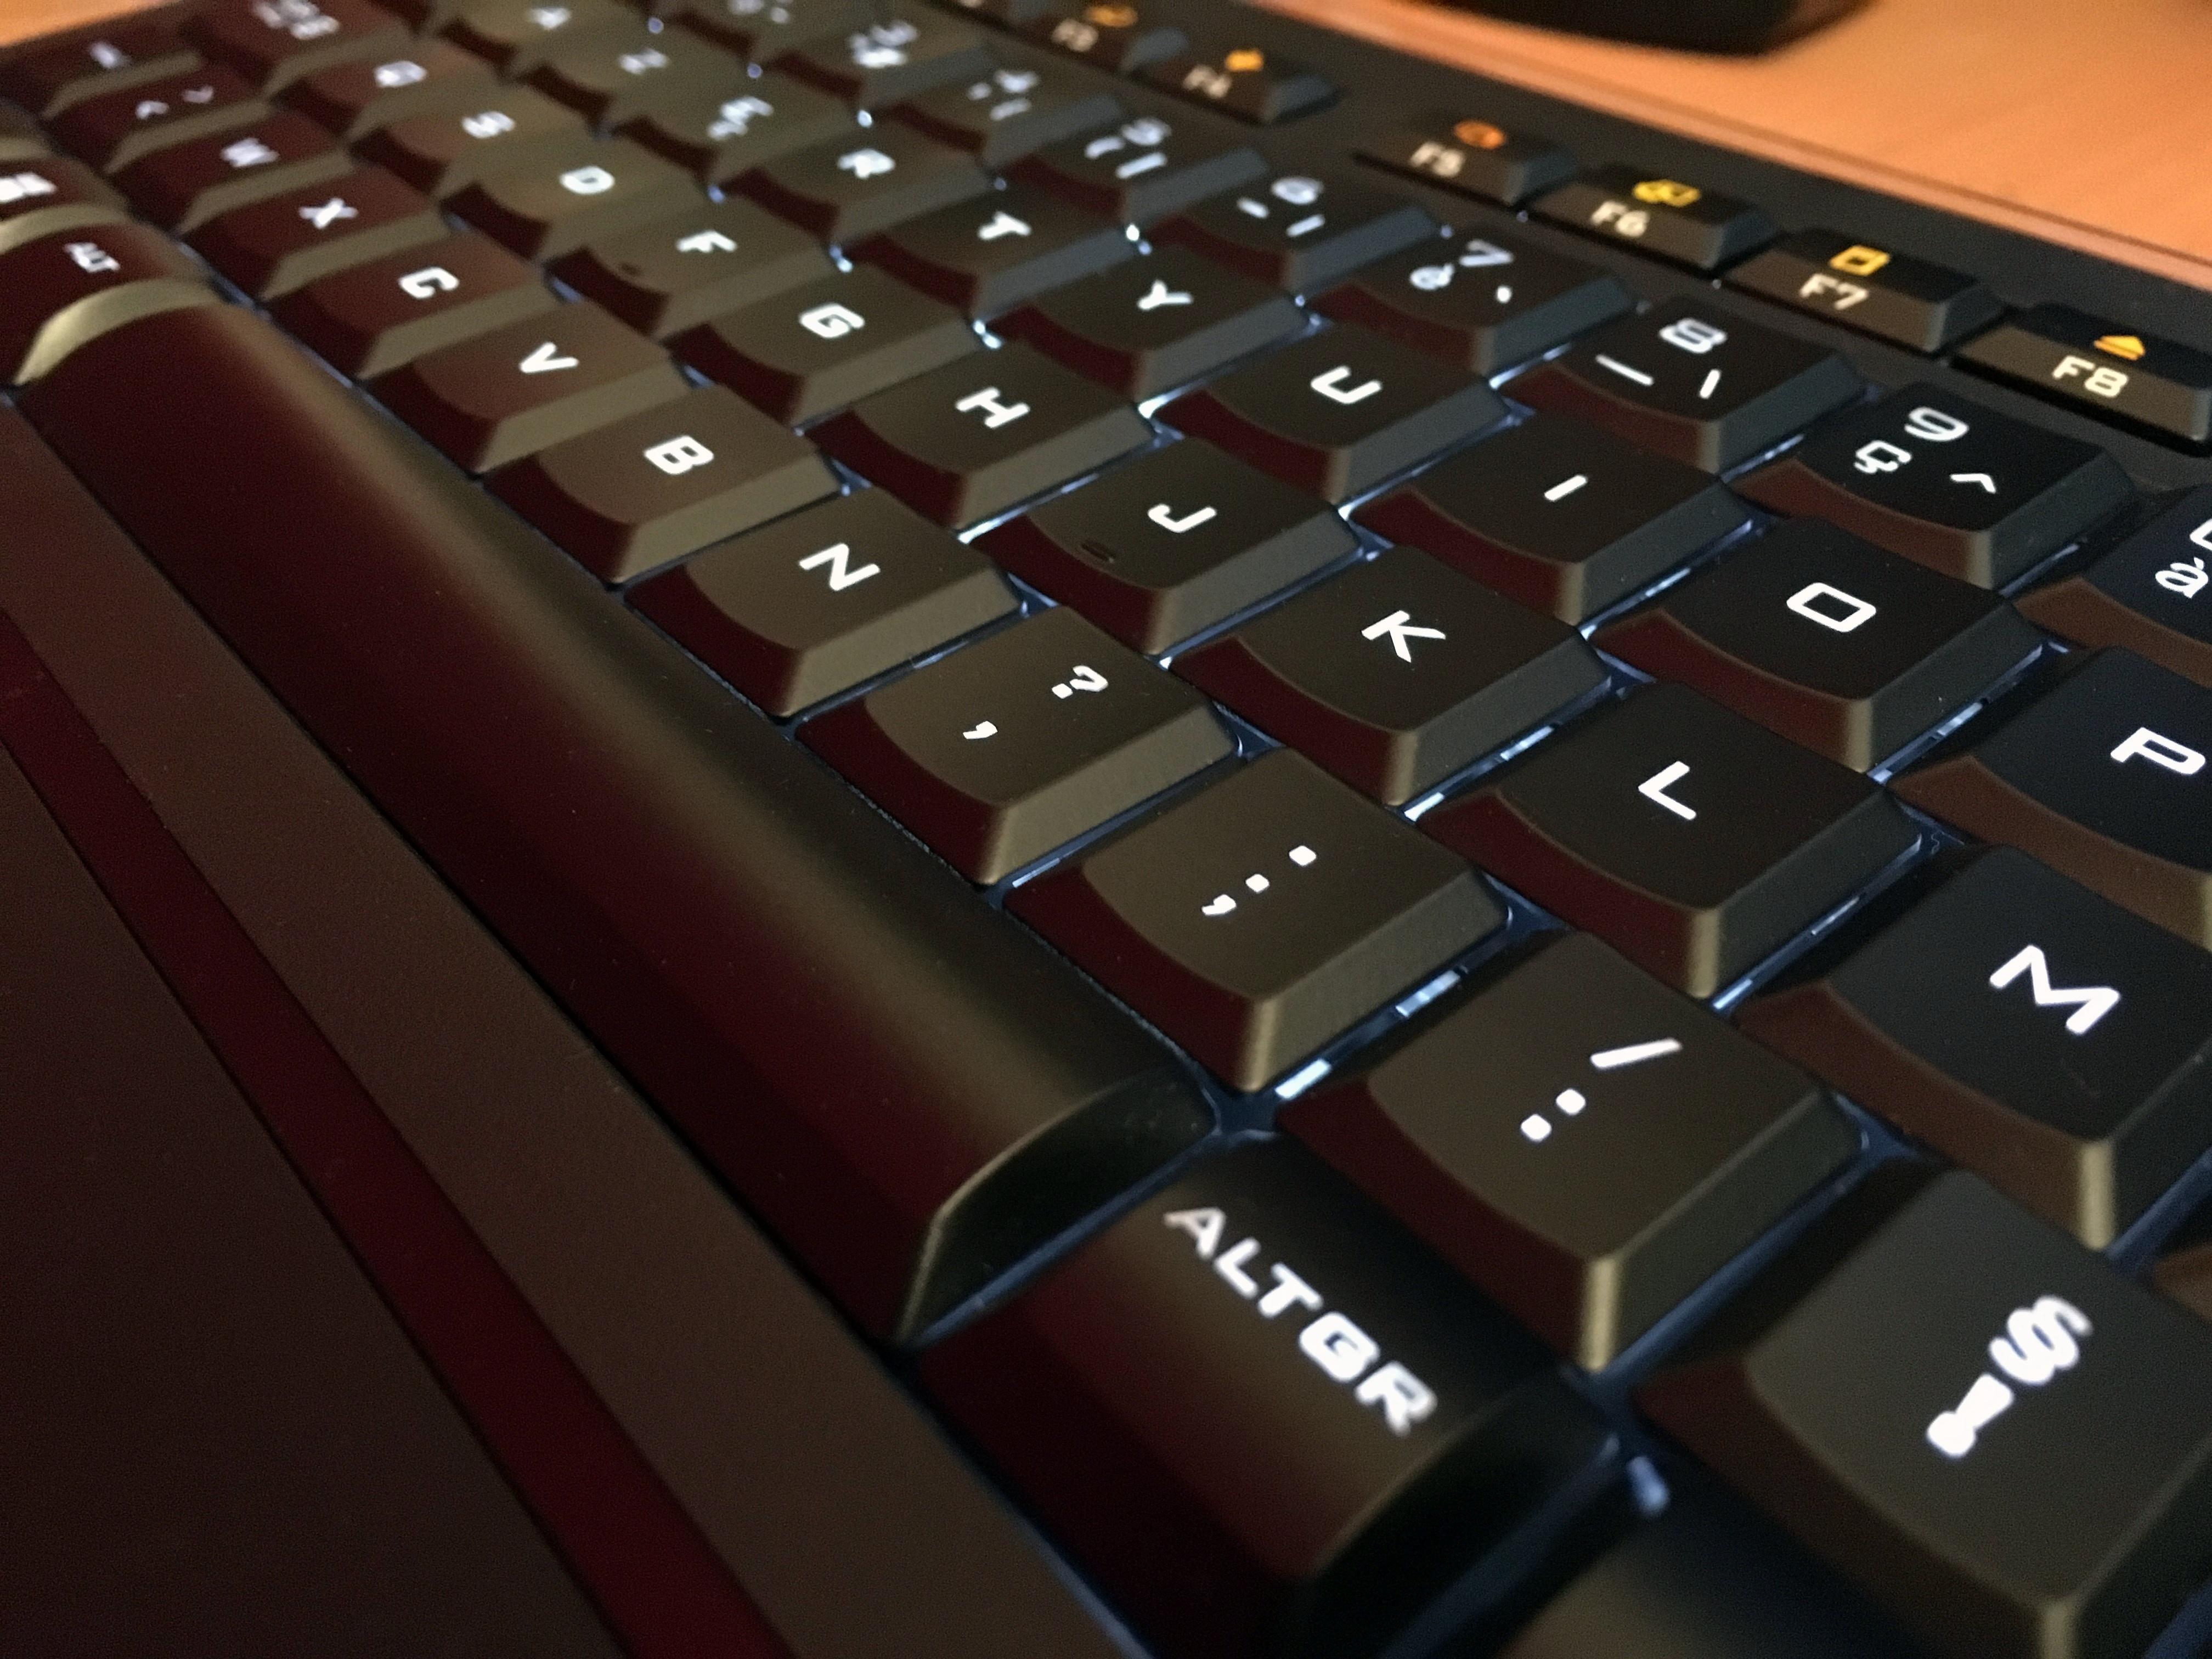 картинки картинки клавиатуры решил окончательно